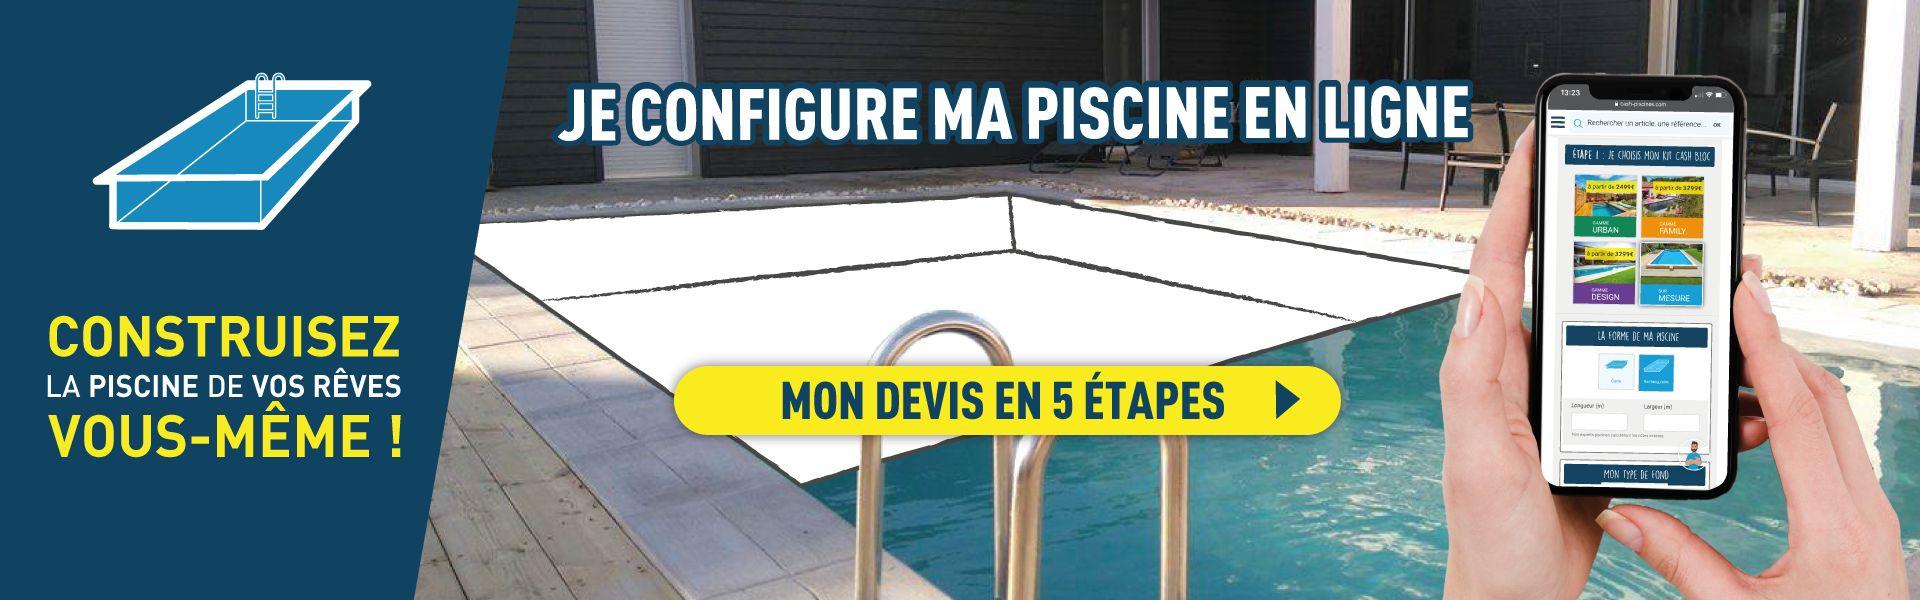 Cash Piscines - Tout Pour La Piscine & Spas Gonflables ... dedans Cash Piscine Blois